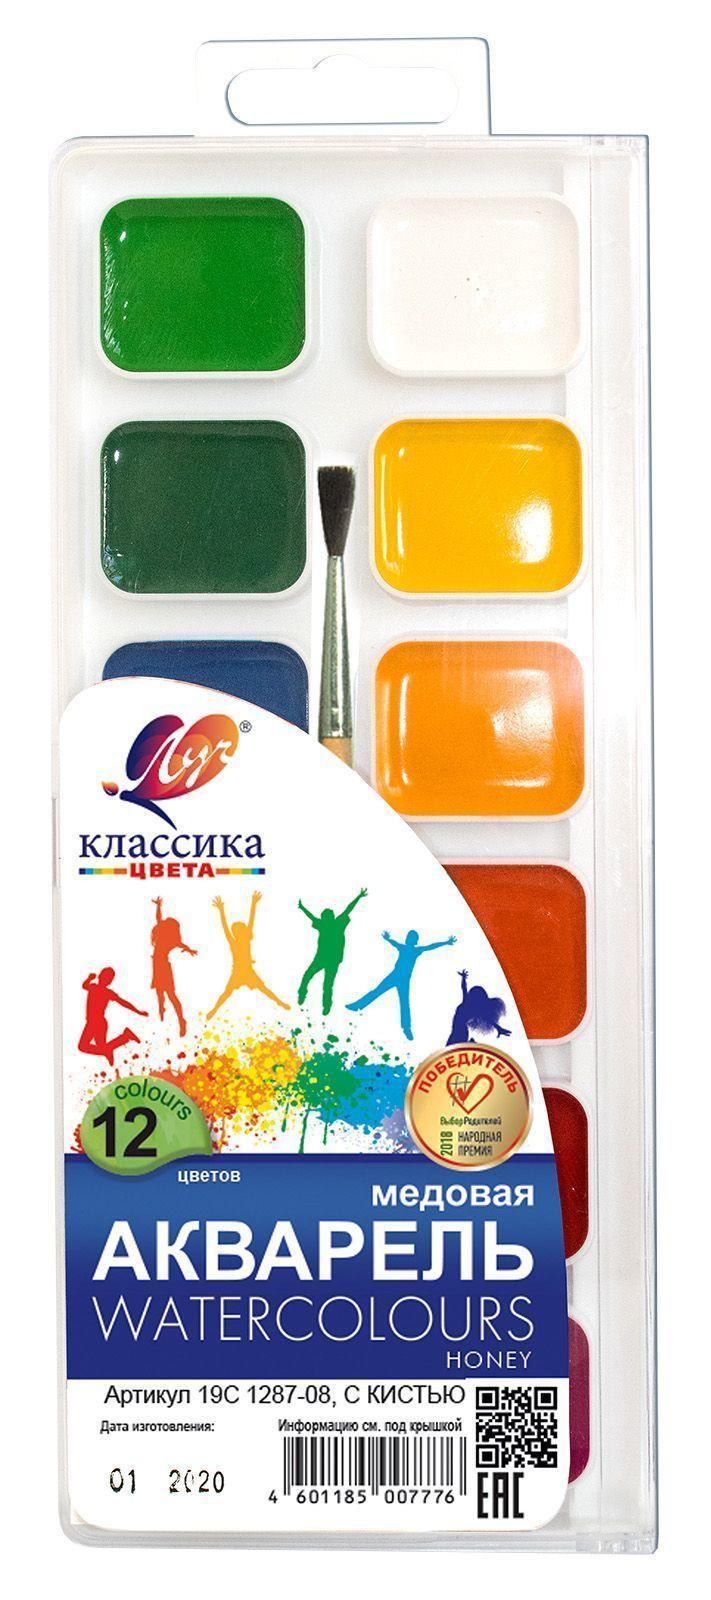 Акварель ЛУЧ КЛАССИКА 12 цветов, пластиковая упаковка, с кистью, европодвес